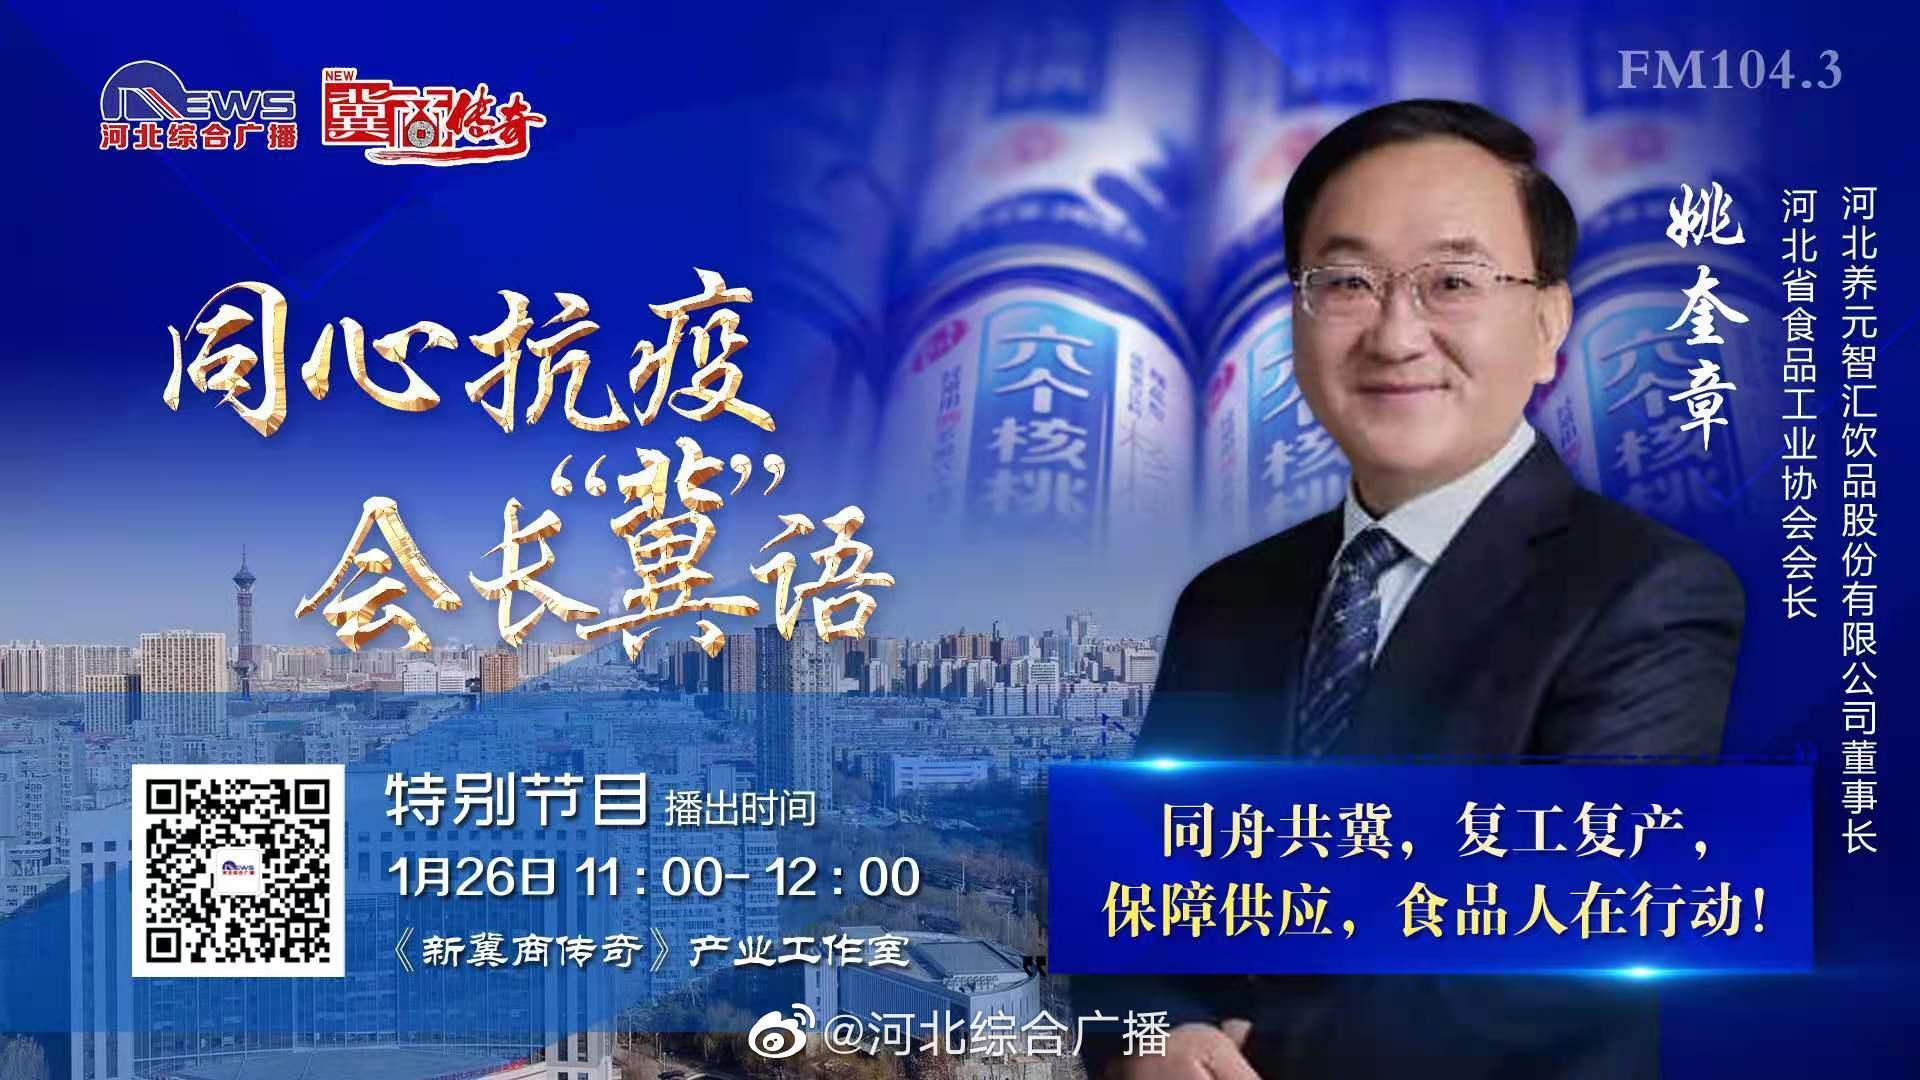 《会长冀语》河北省食品工业协会 成立于1982年……